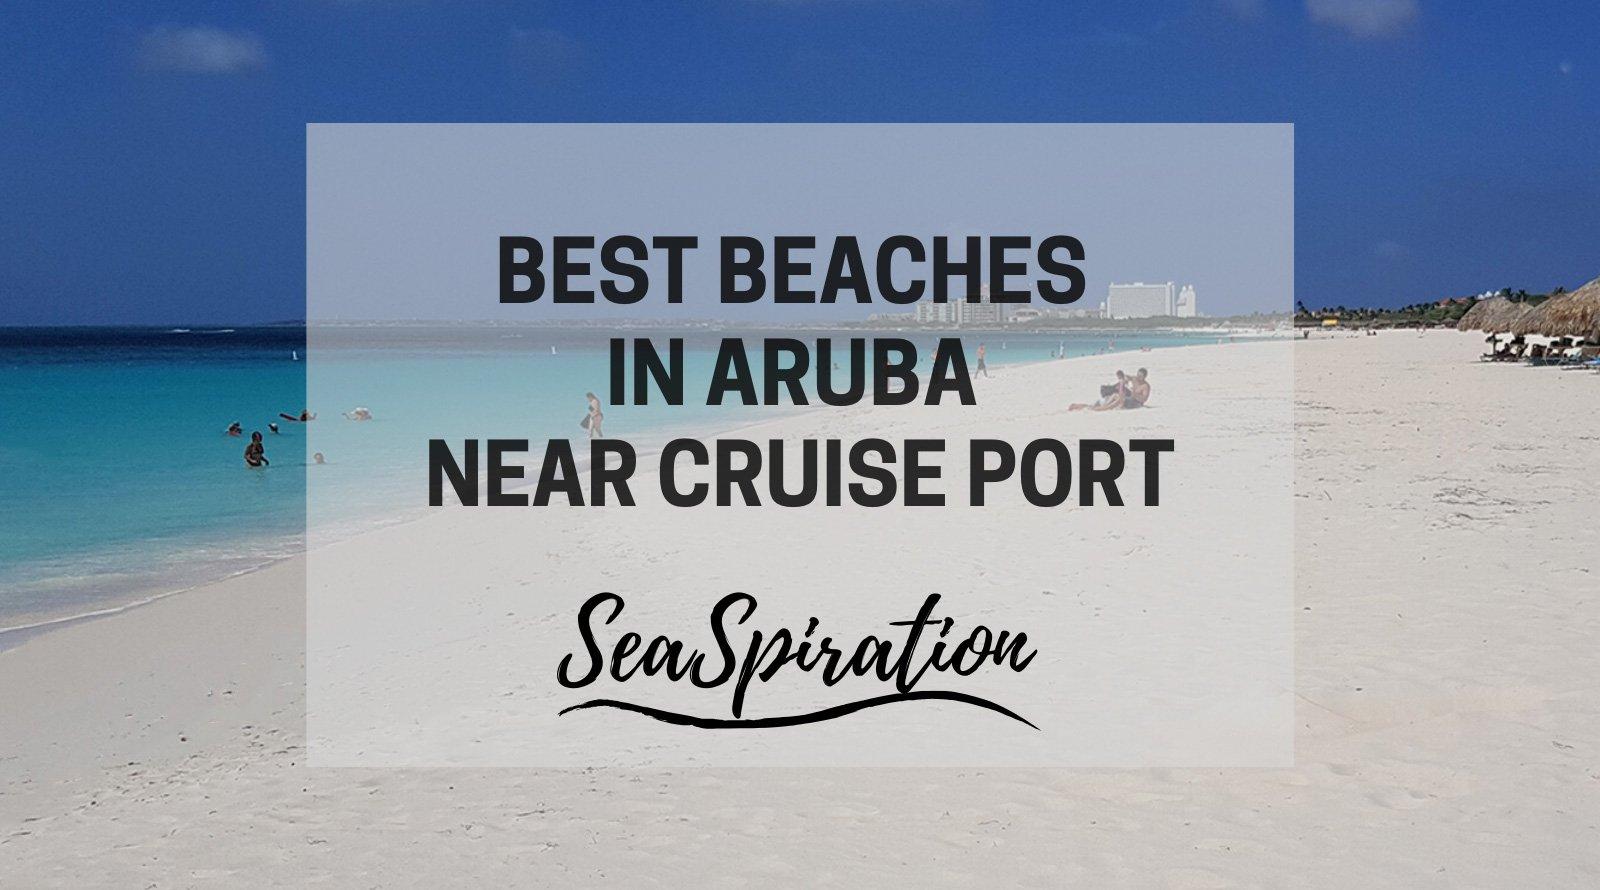 Best beaches in Aruba near cruise port